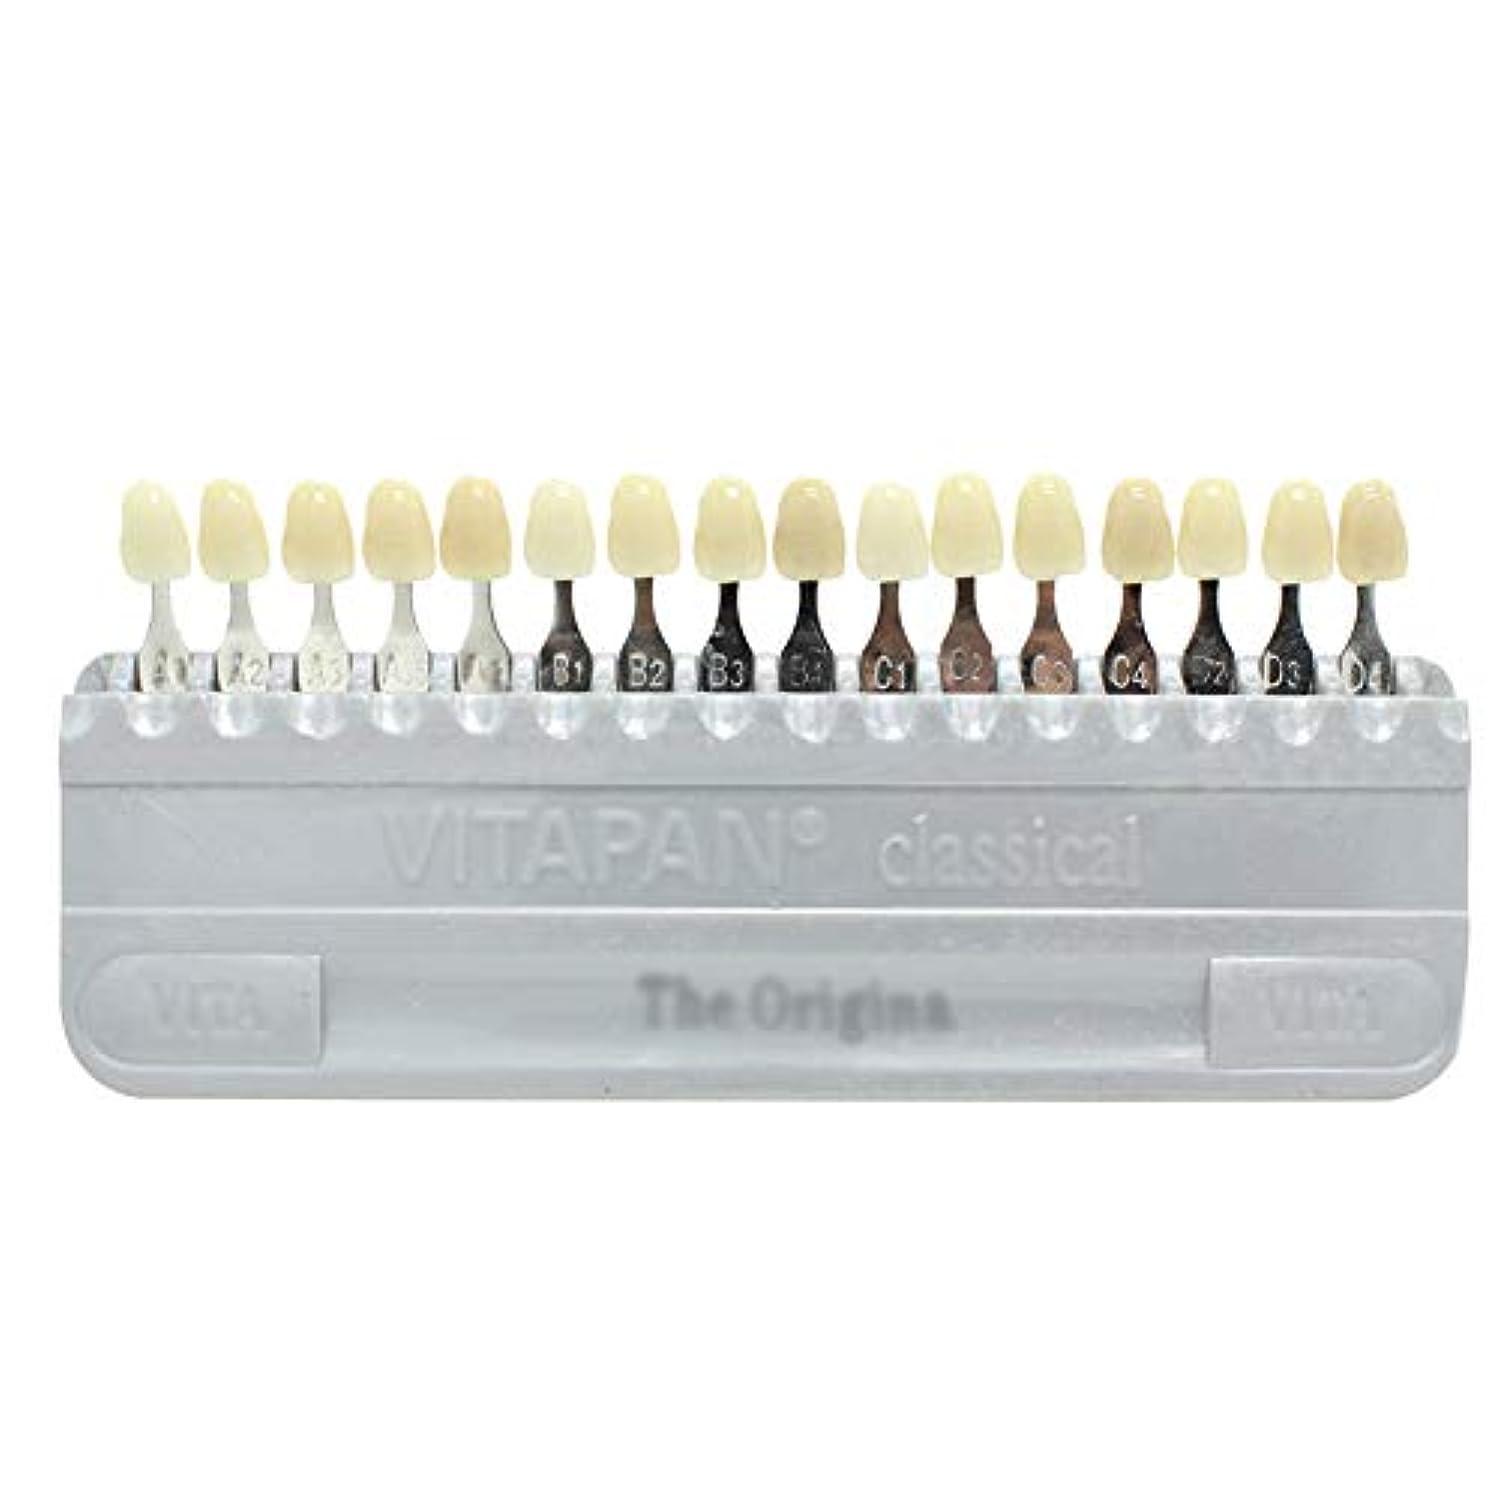 たとえ移植近々PochiDen 歯科ホワイトニング用シェードガイド 16色 3D 歯列模型ボード